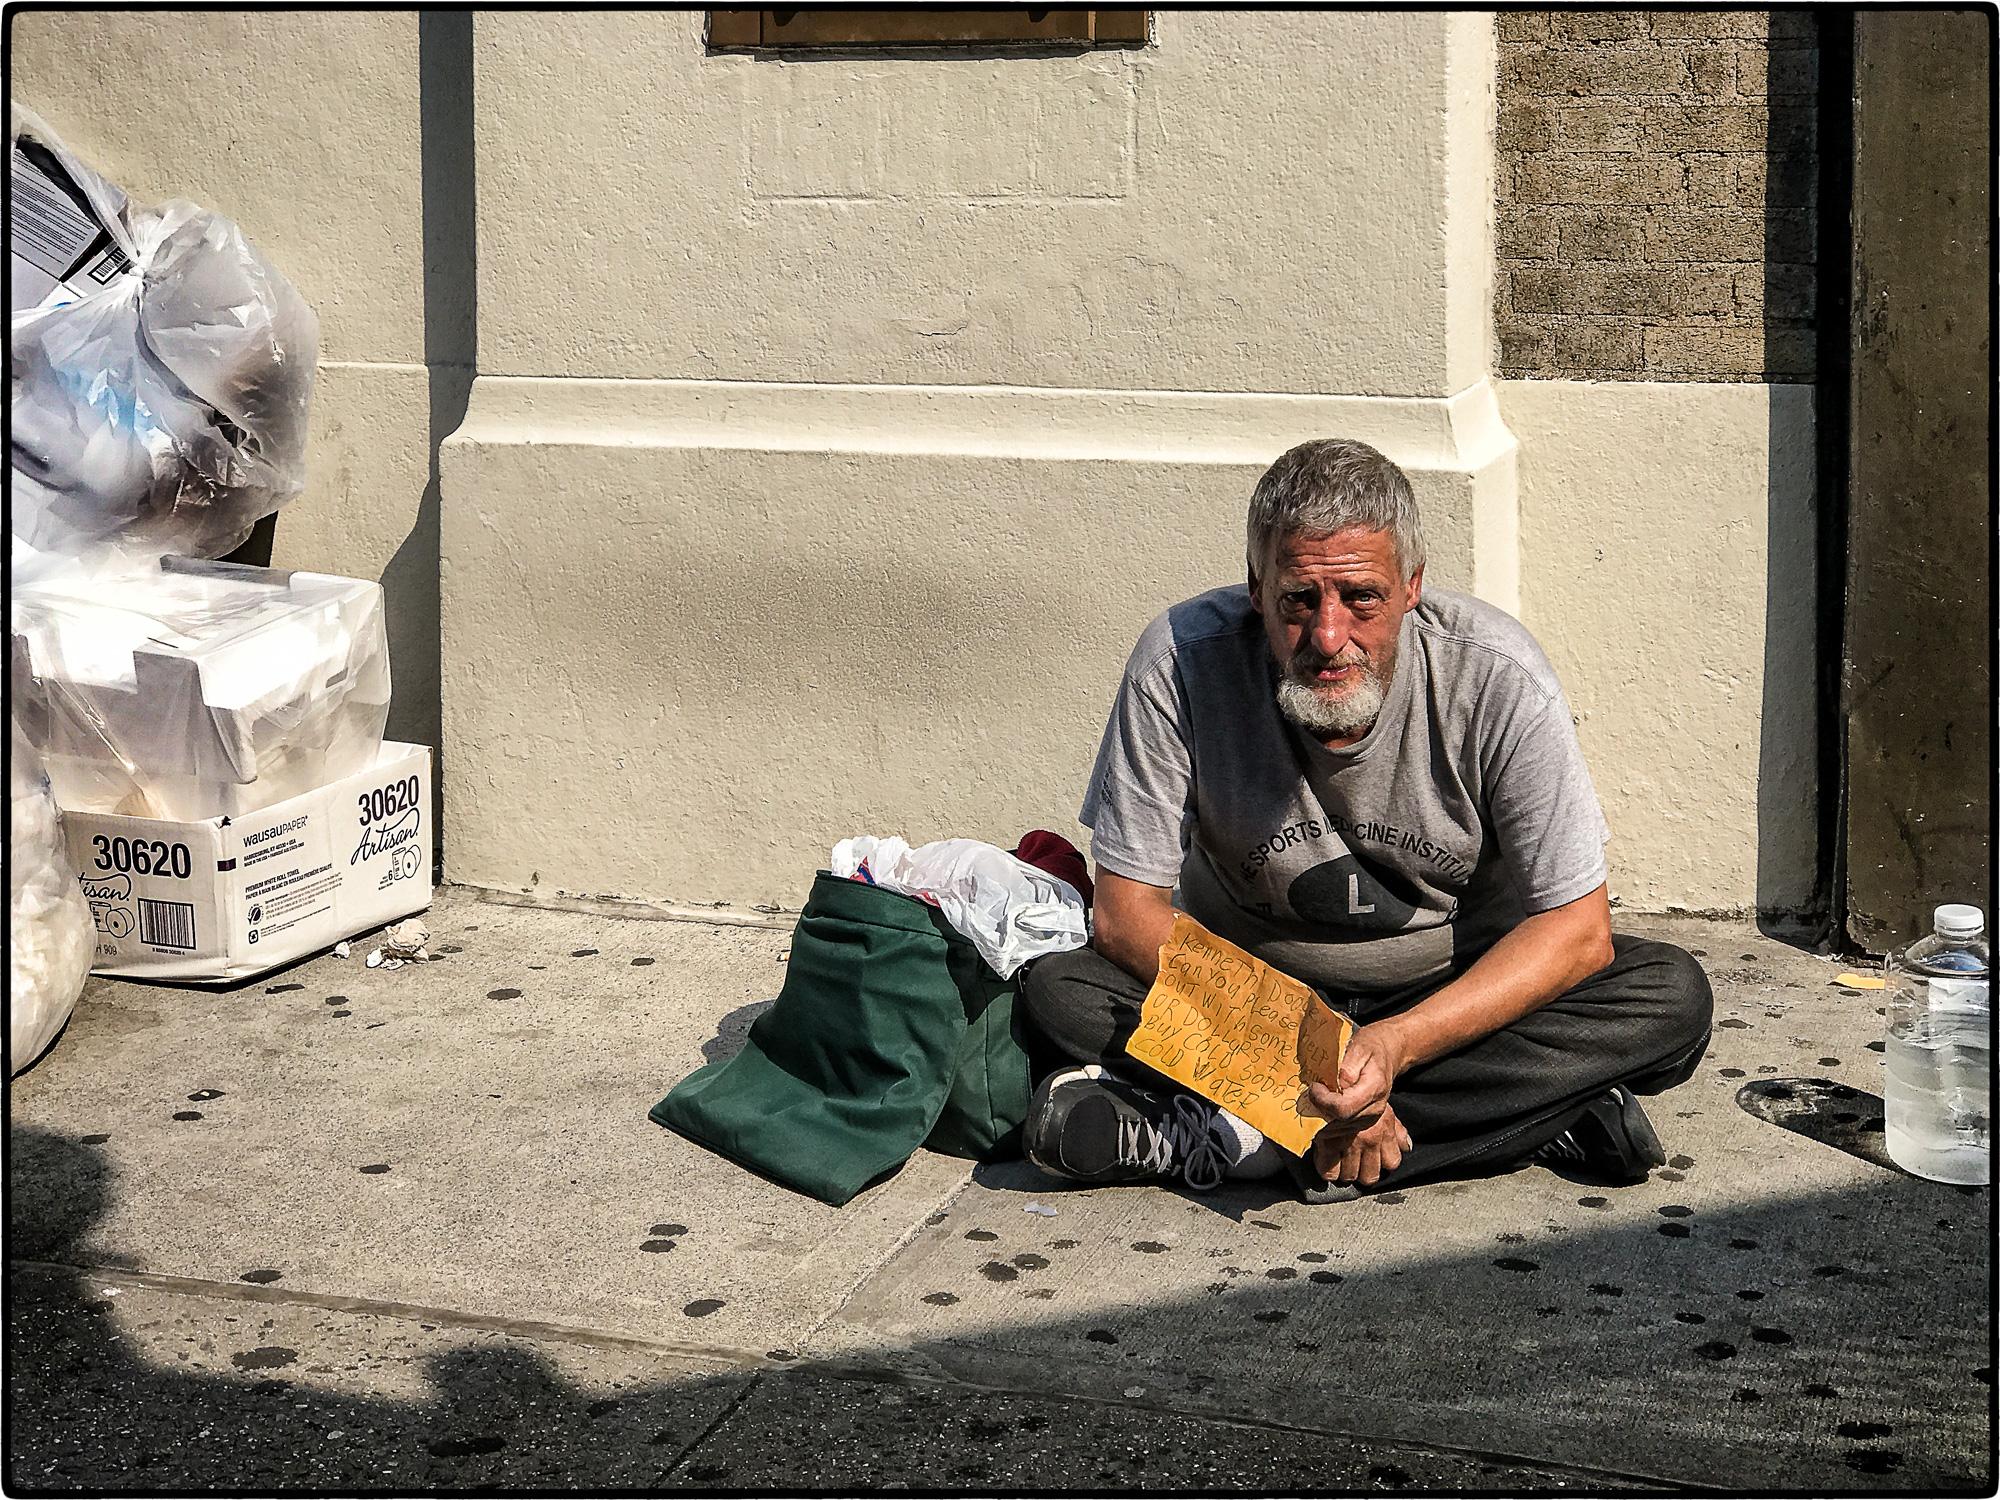 2017_01_11-Homeless-Kenneth_01.jpg